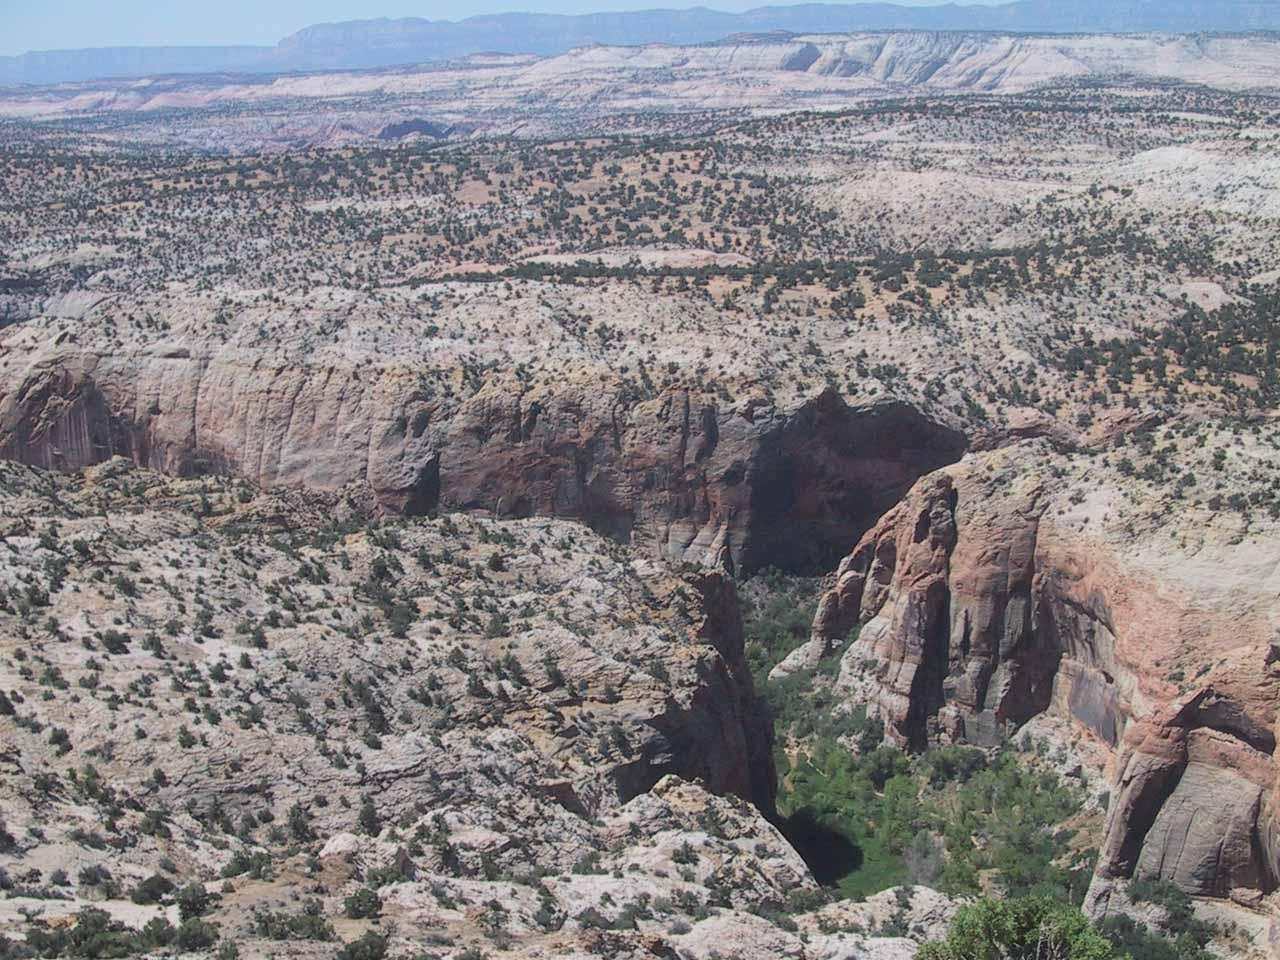 Looking down at Calf Creek Canyon